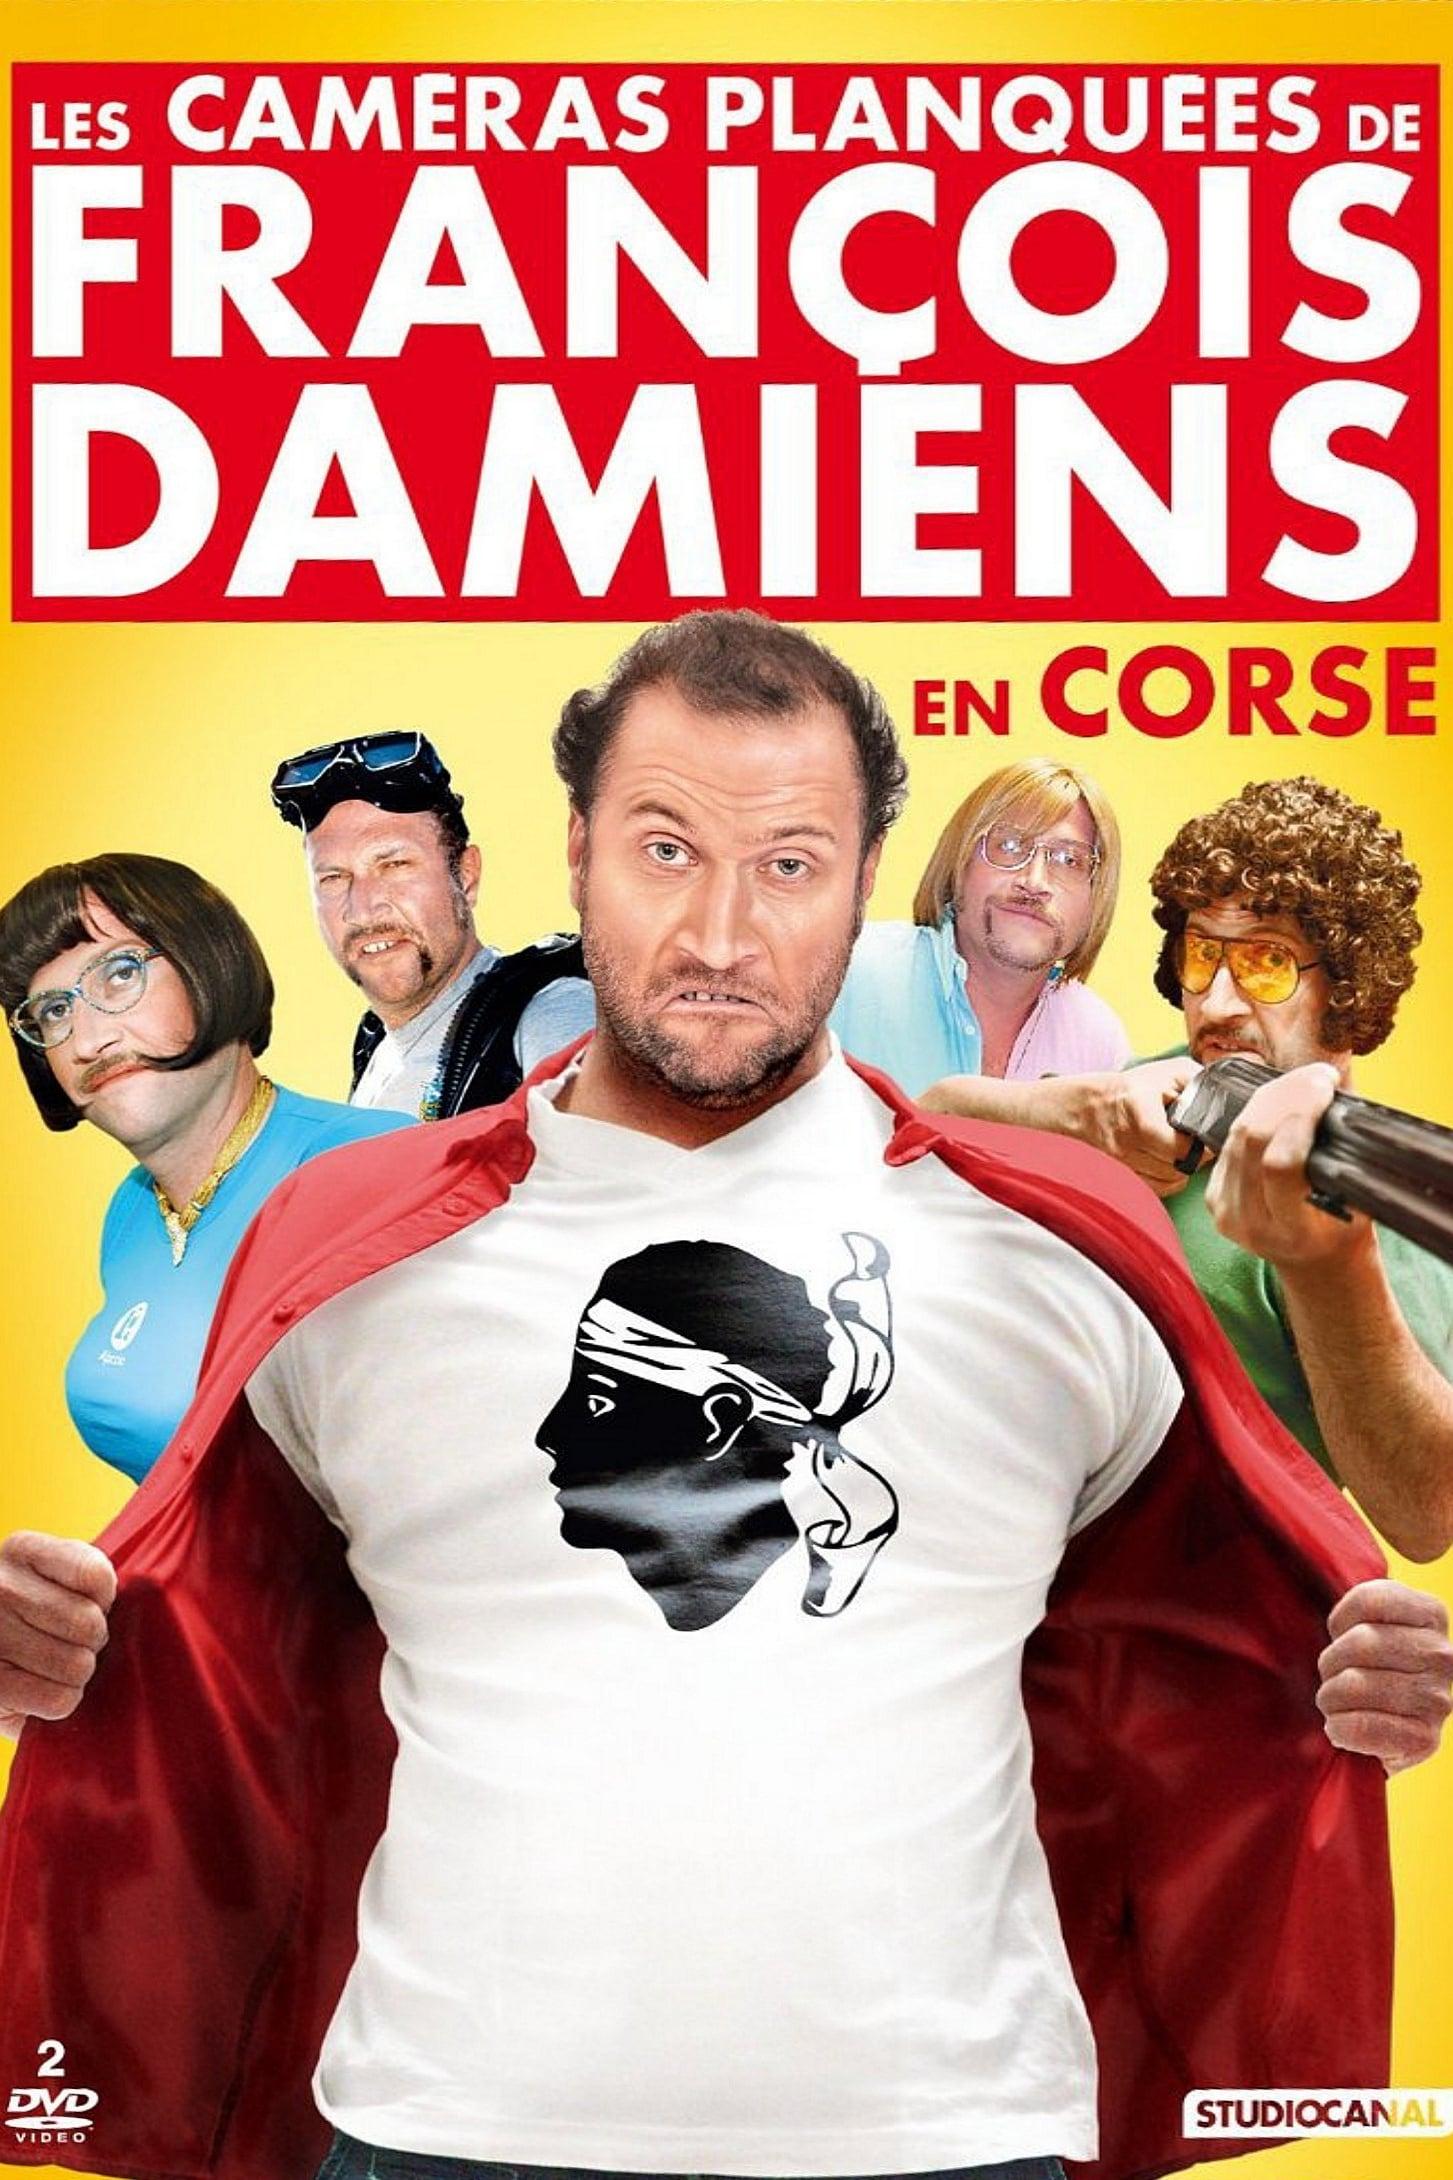 Les Caméras Planquées de François Damiens en Corse